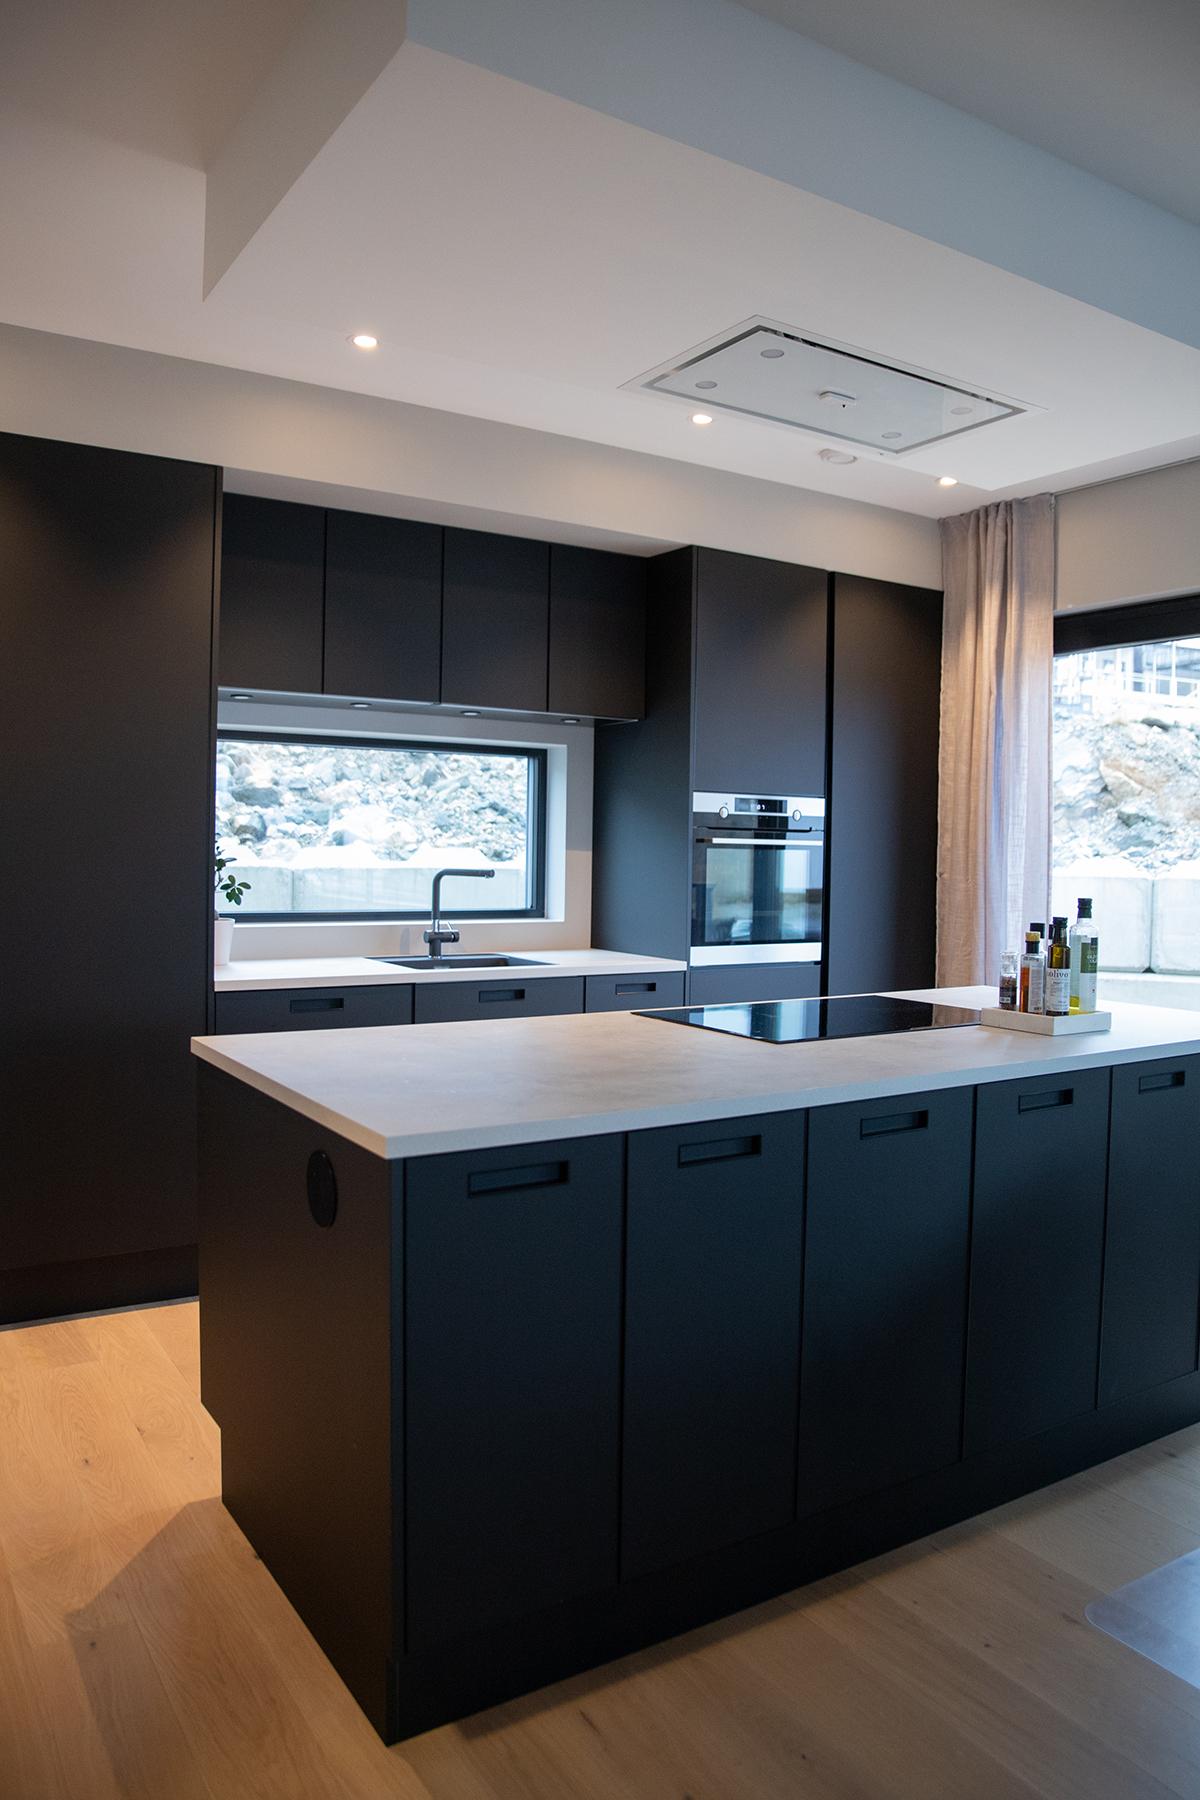 Moderne kjøkken med tøffe fargekombinasjoner mellom svart og marmor - Funkishuset Villa jentoft i Haugesund